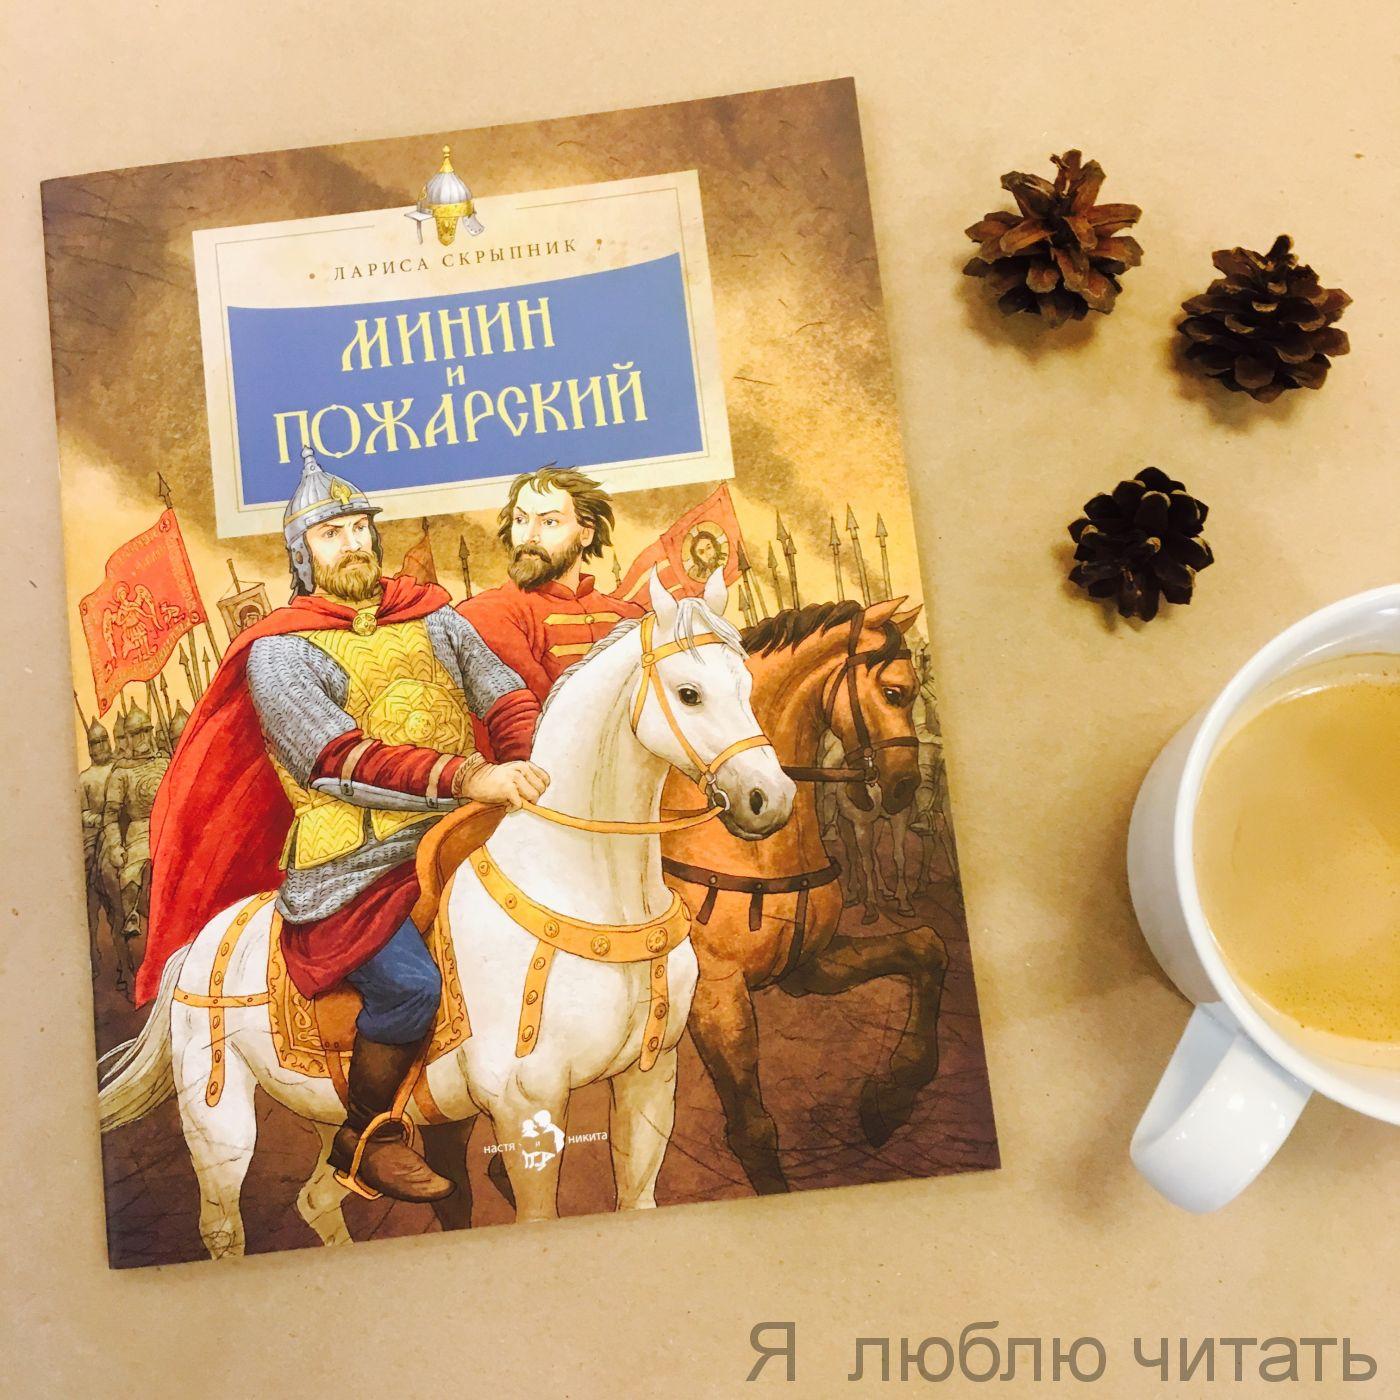 Книга «Минин и Пожарский»